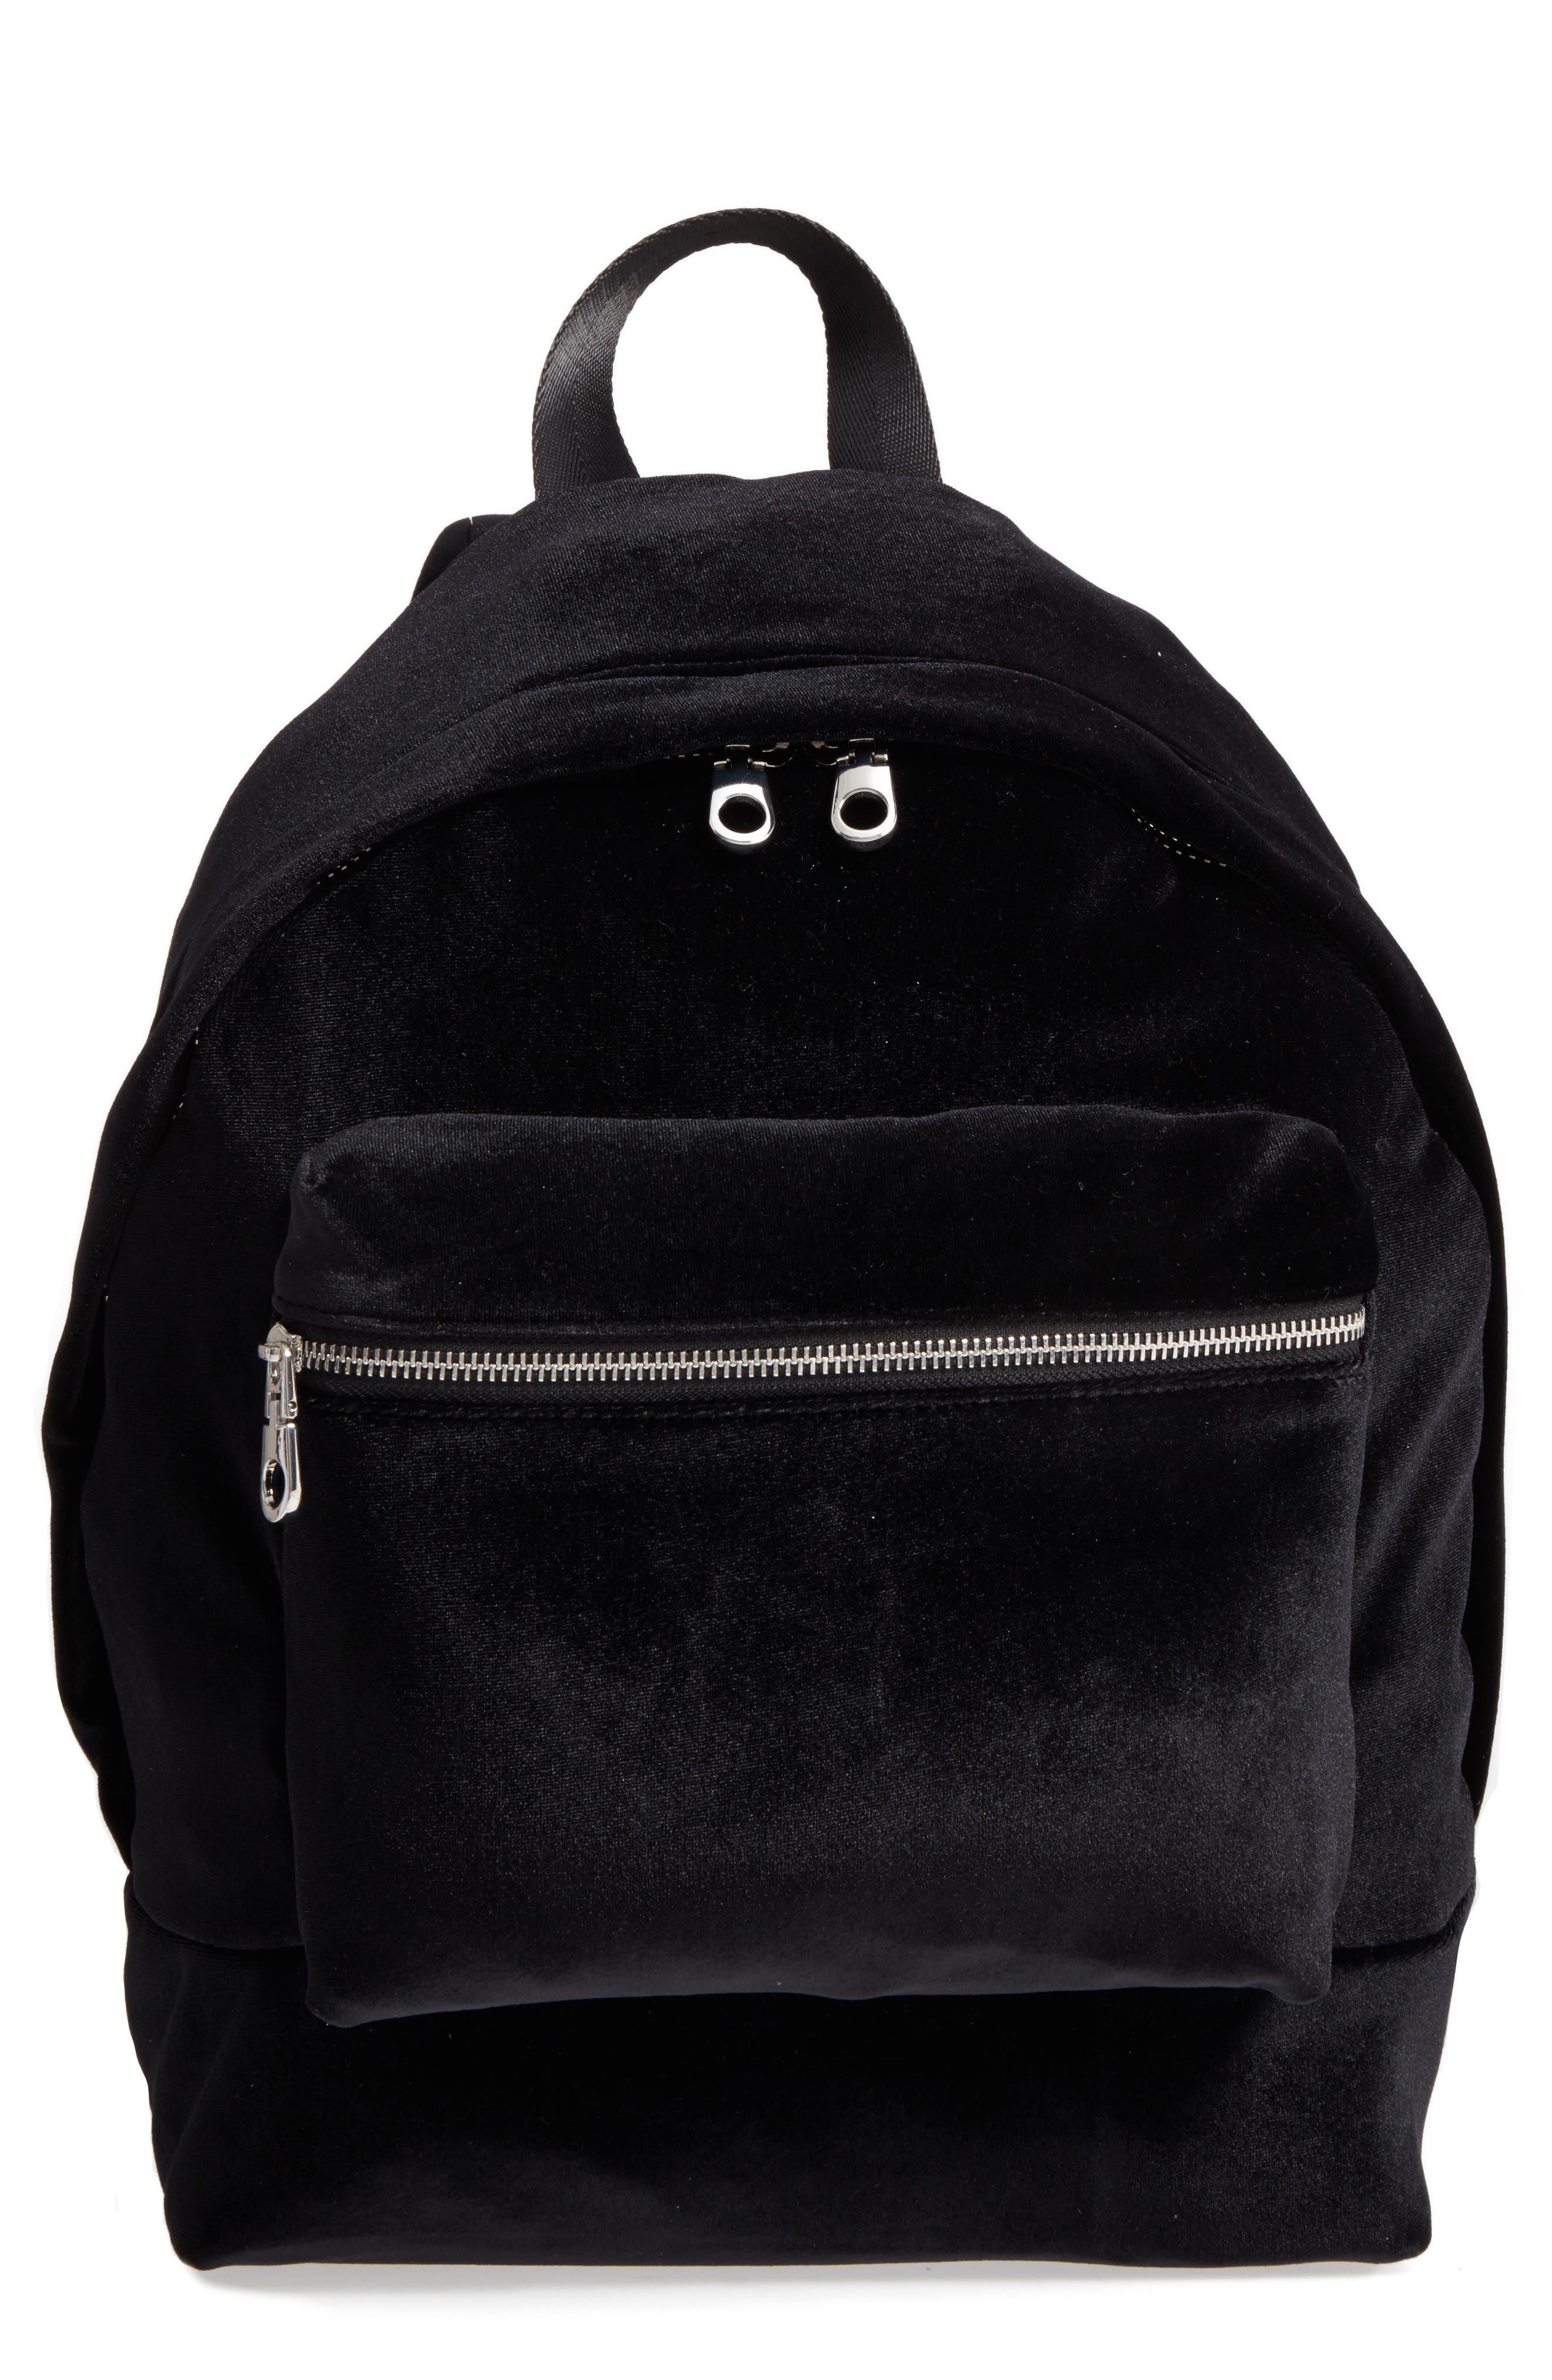 Velvet Backpack,                             Main thumbnail 1, color,                             001